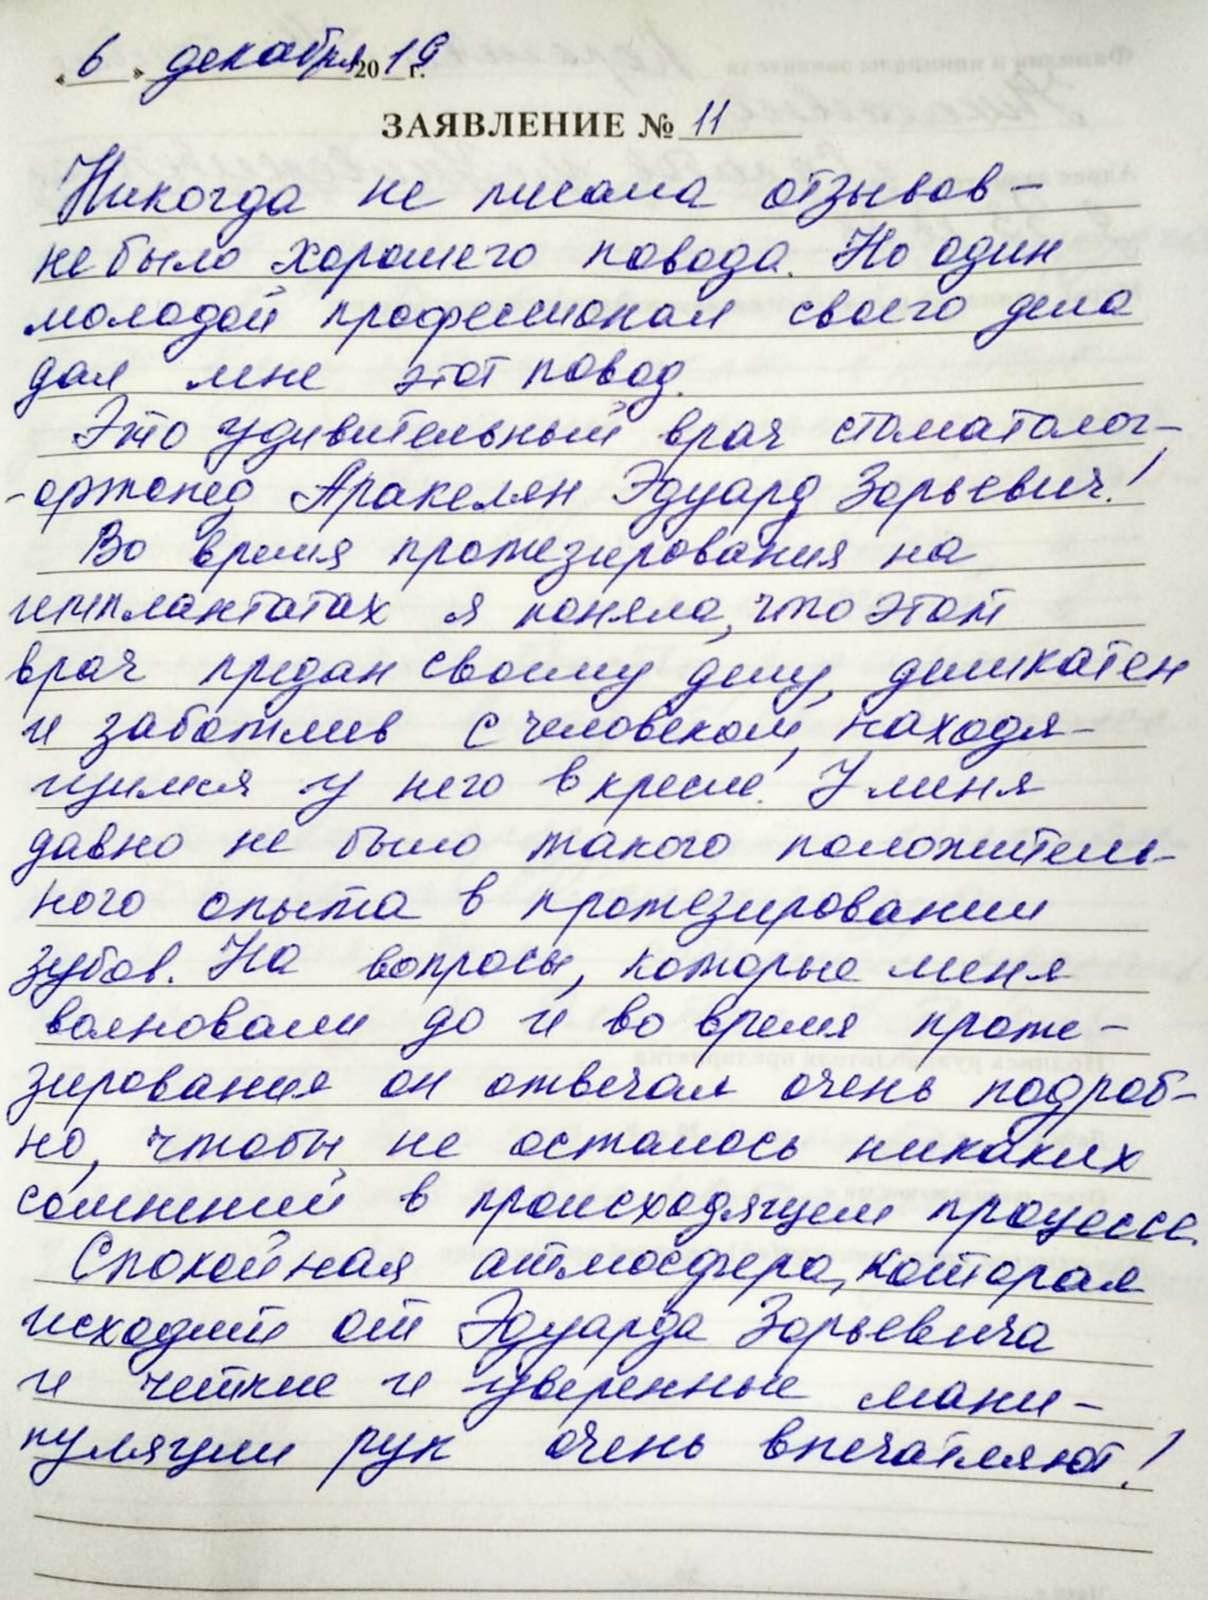 <em>Редактировать Отзыв</em> Наталия Николаевна. Стоматология Фларт